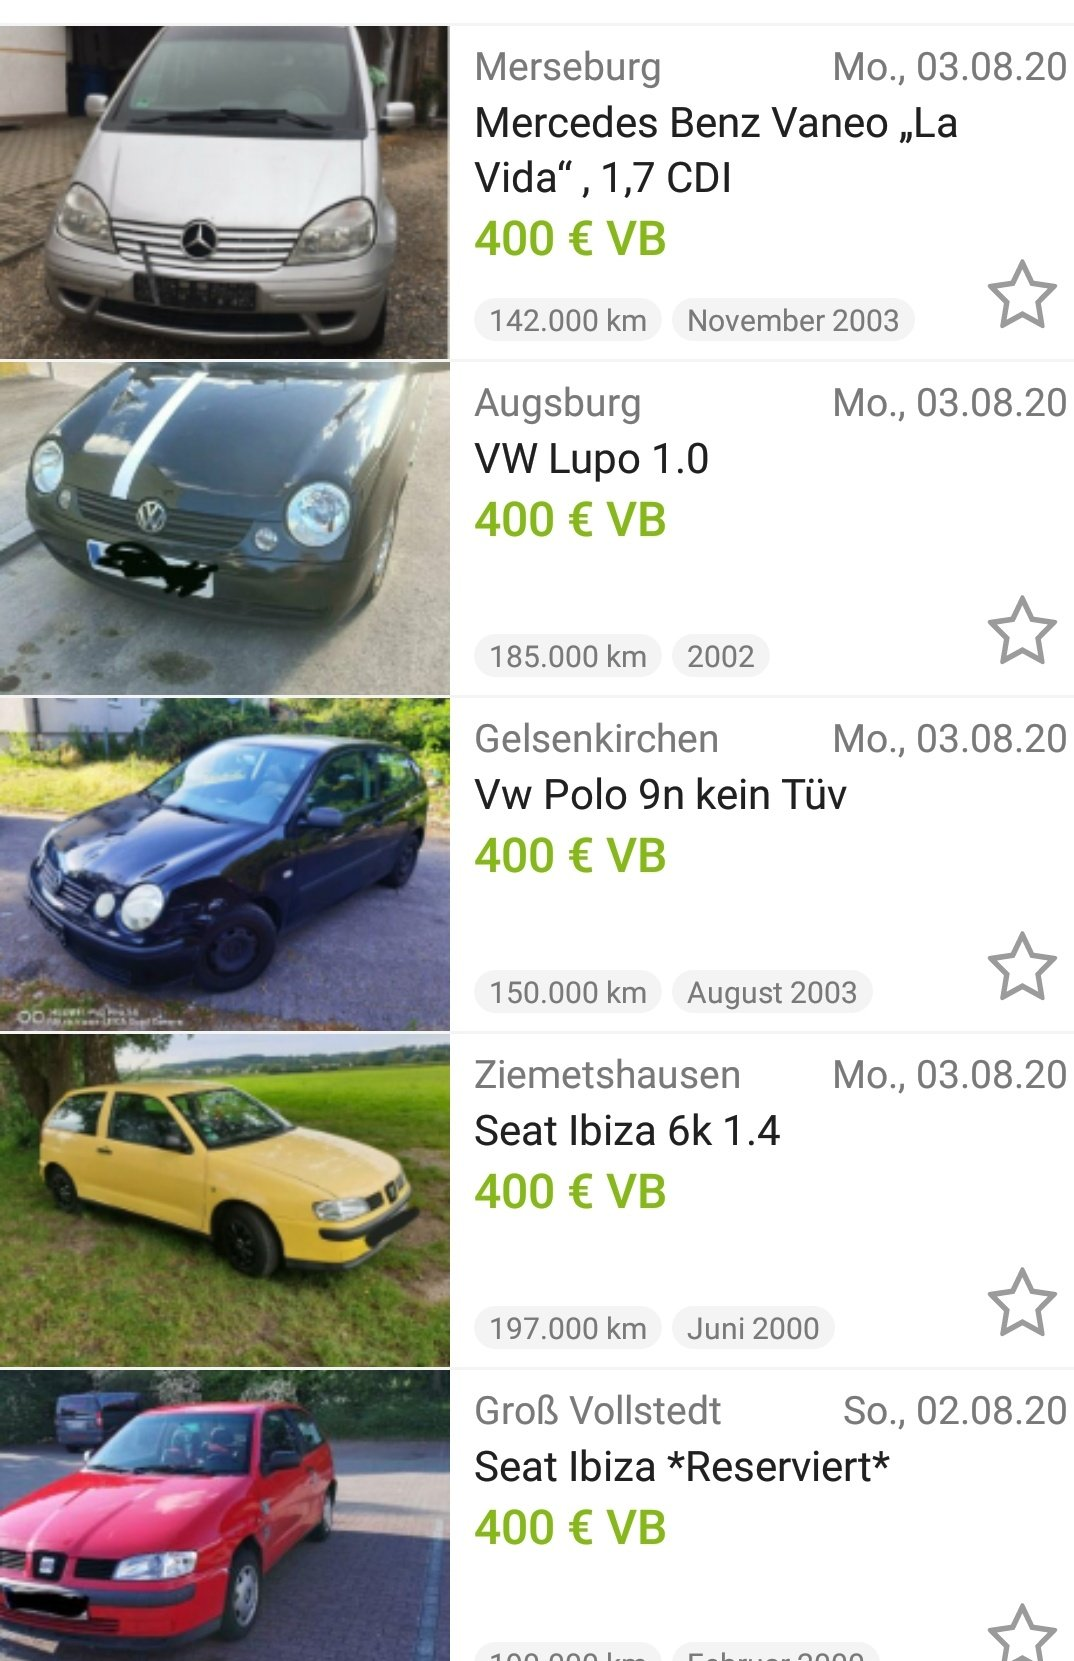 almanya da 400 euroya araba alabilmek